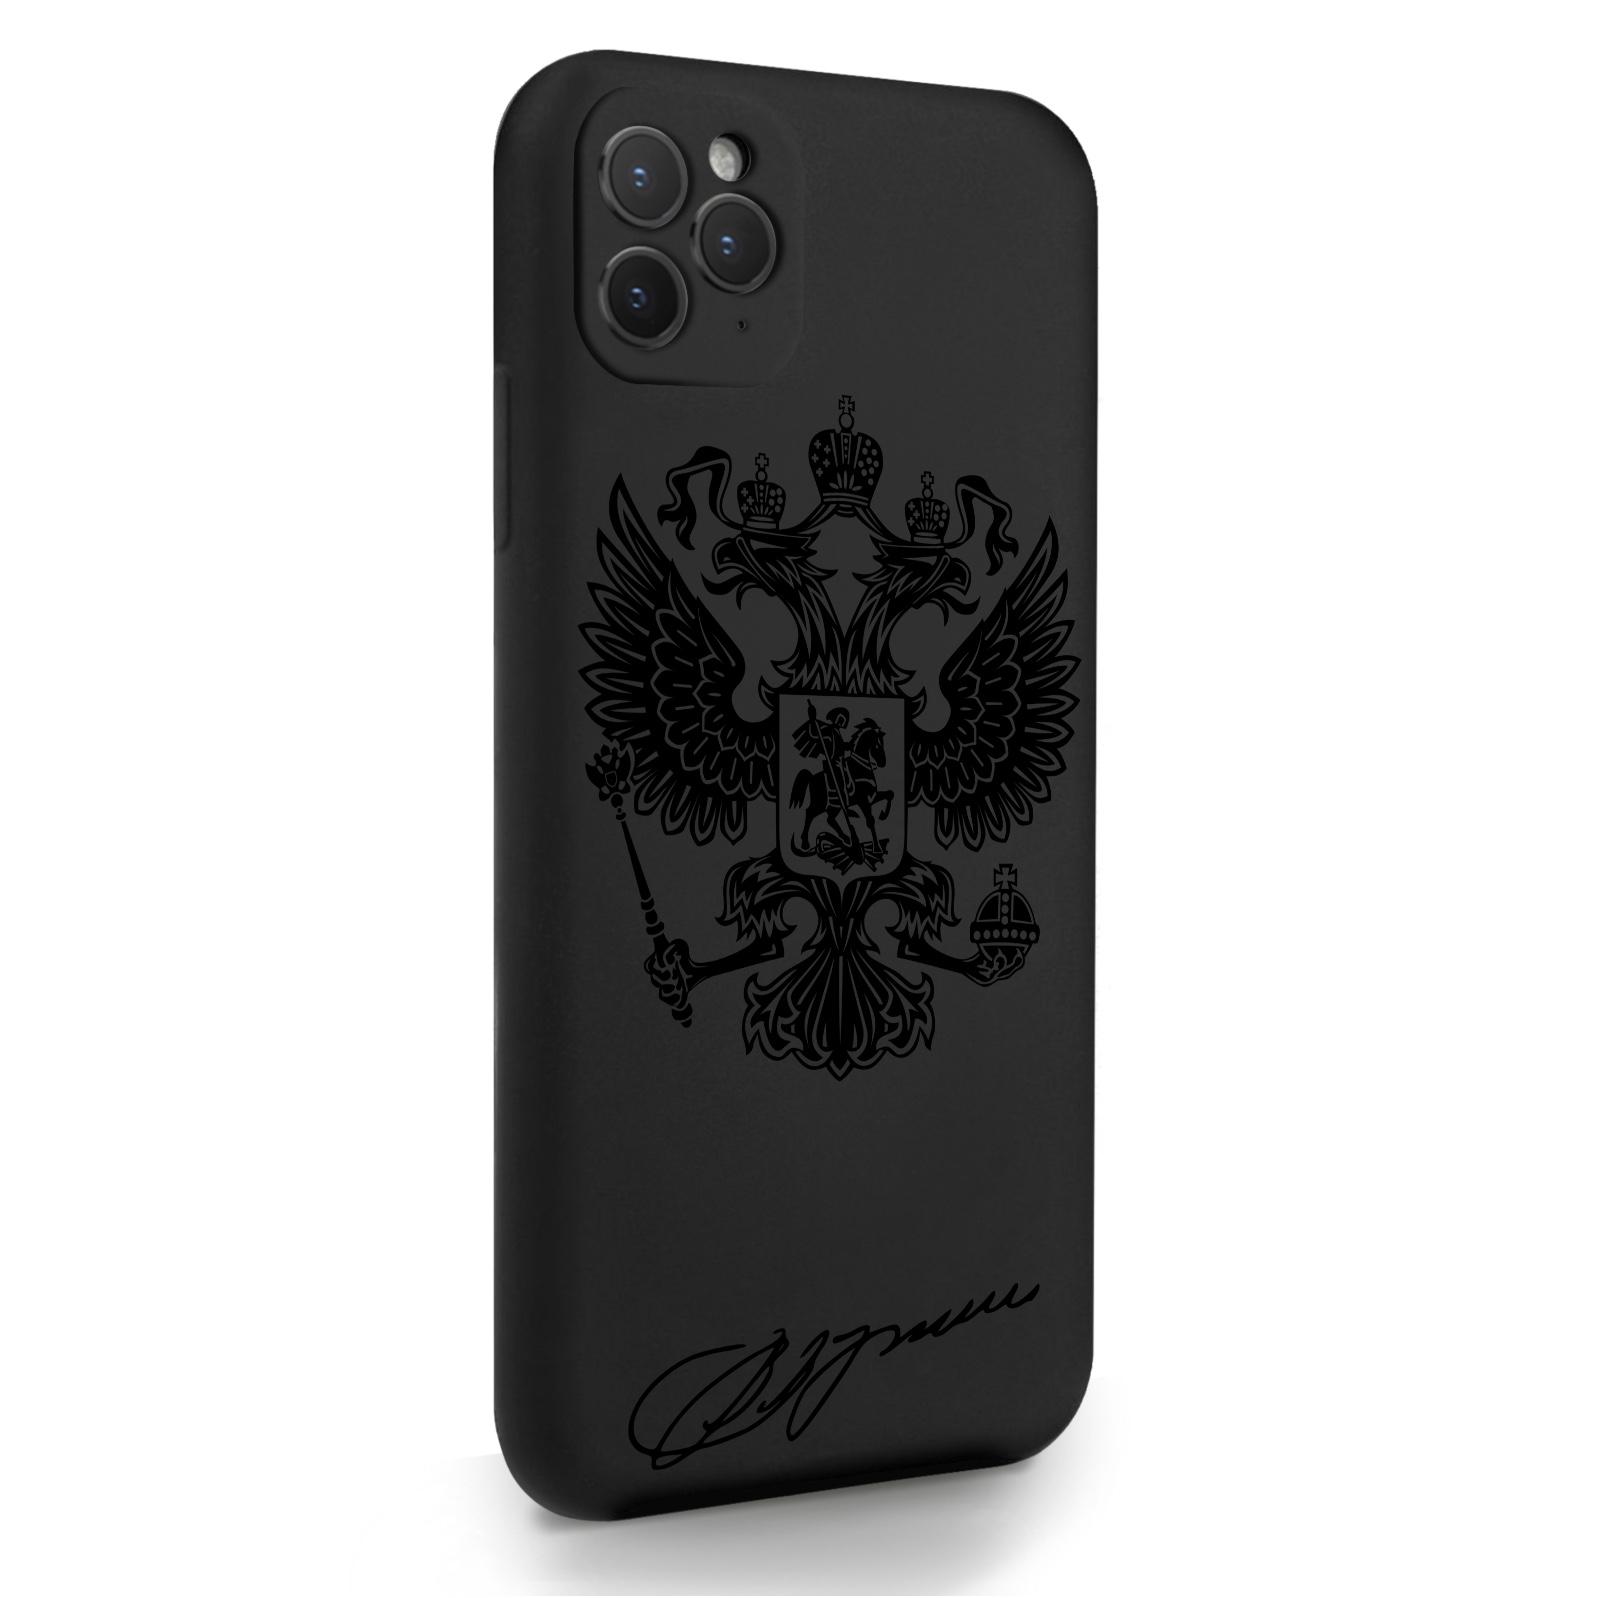 Черный пластиковый чехол для iPhone 11 Pro Max Черный лаковый Герб для Айфон 11 Про Макс